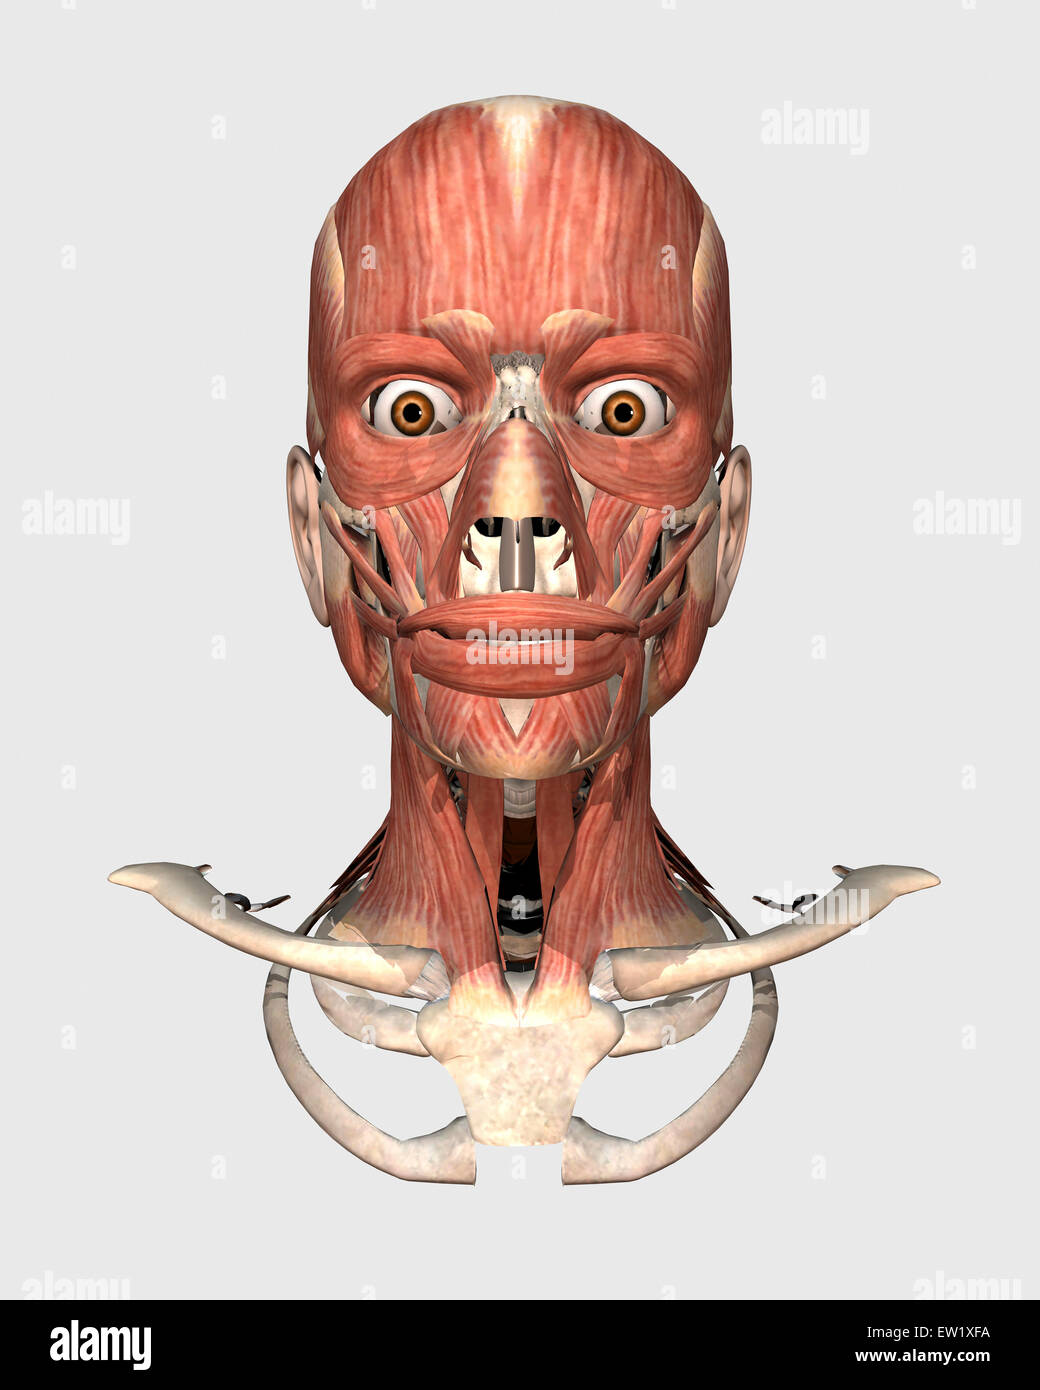 Cabeza humana mostrando los huesos y músculos. Imagen De Stock